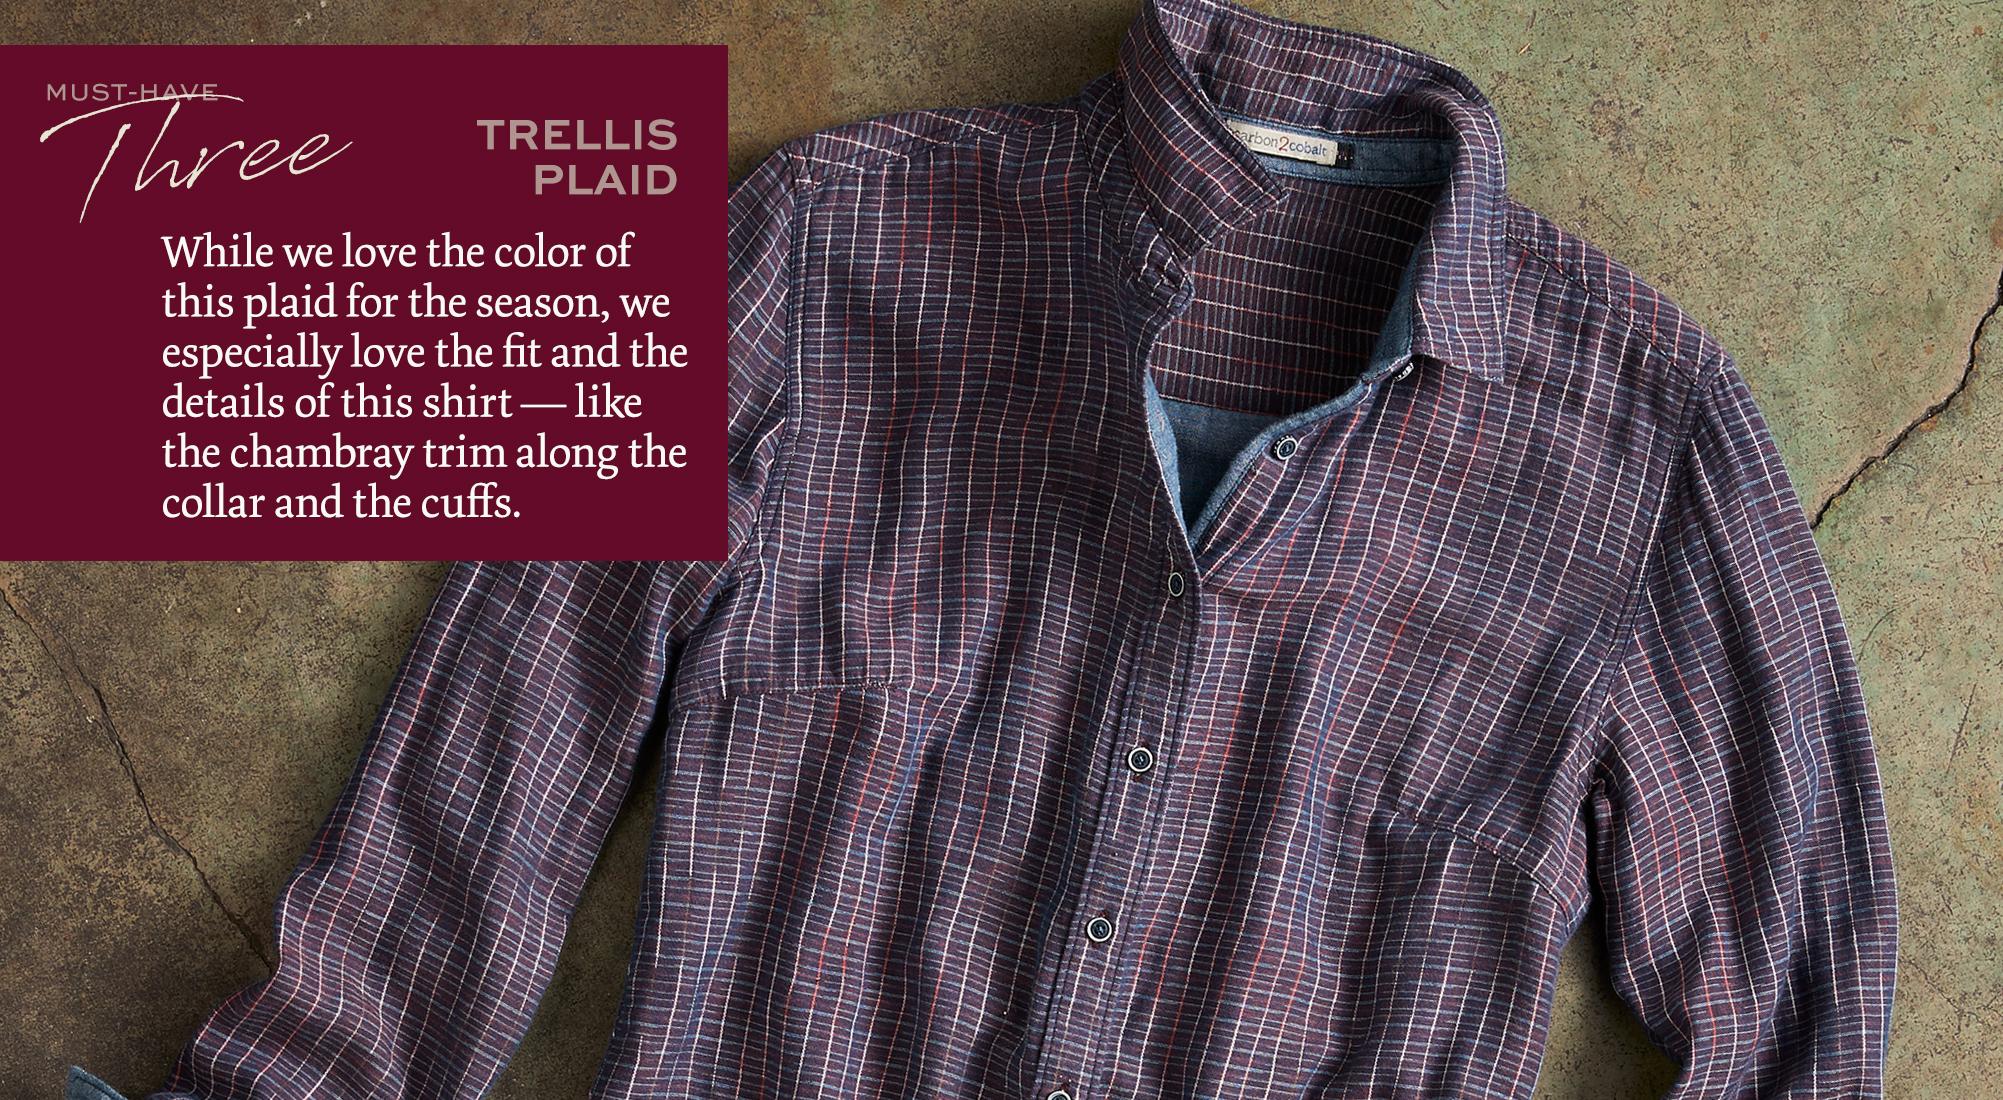 Trellis Plaid